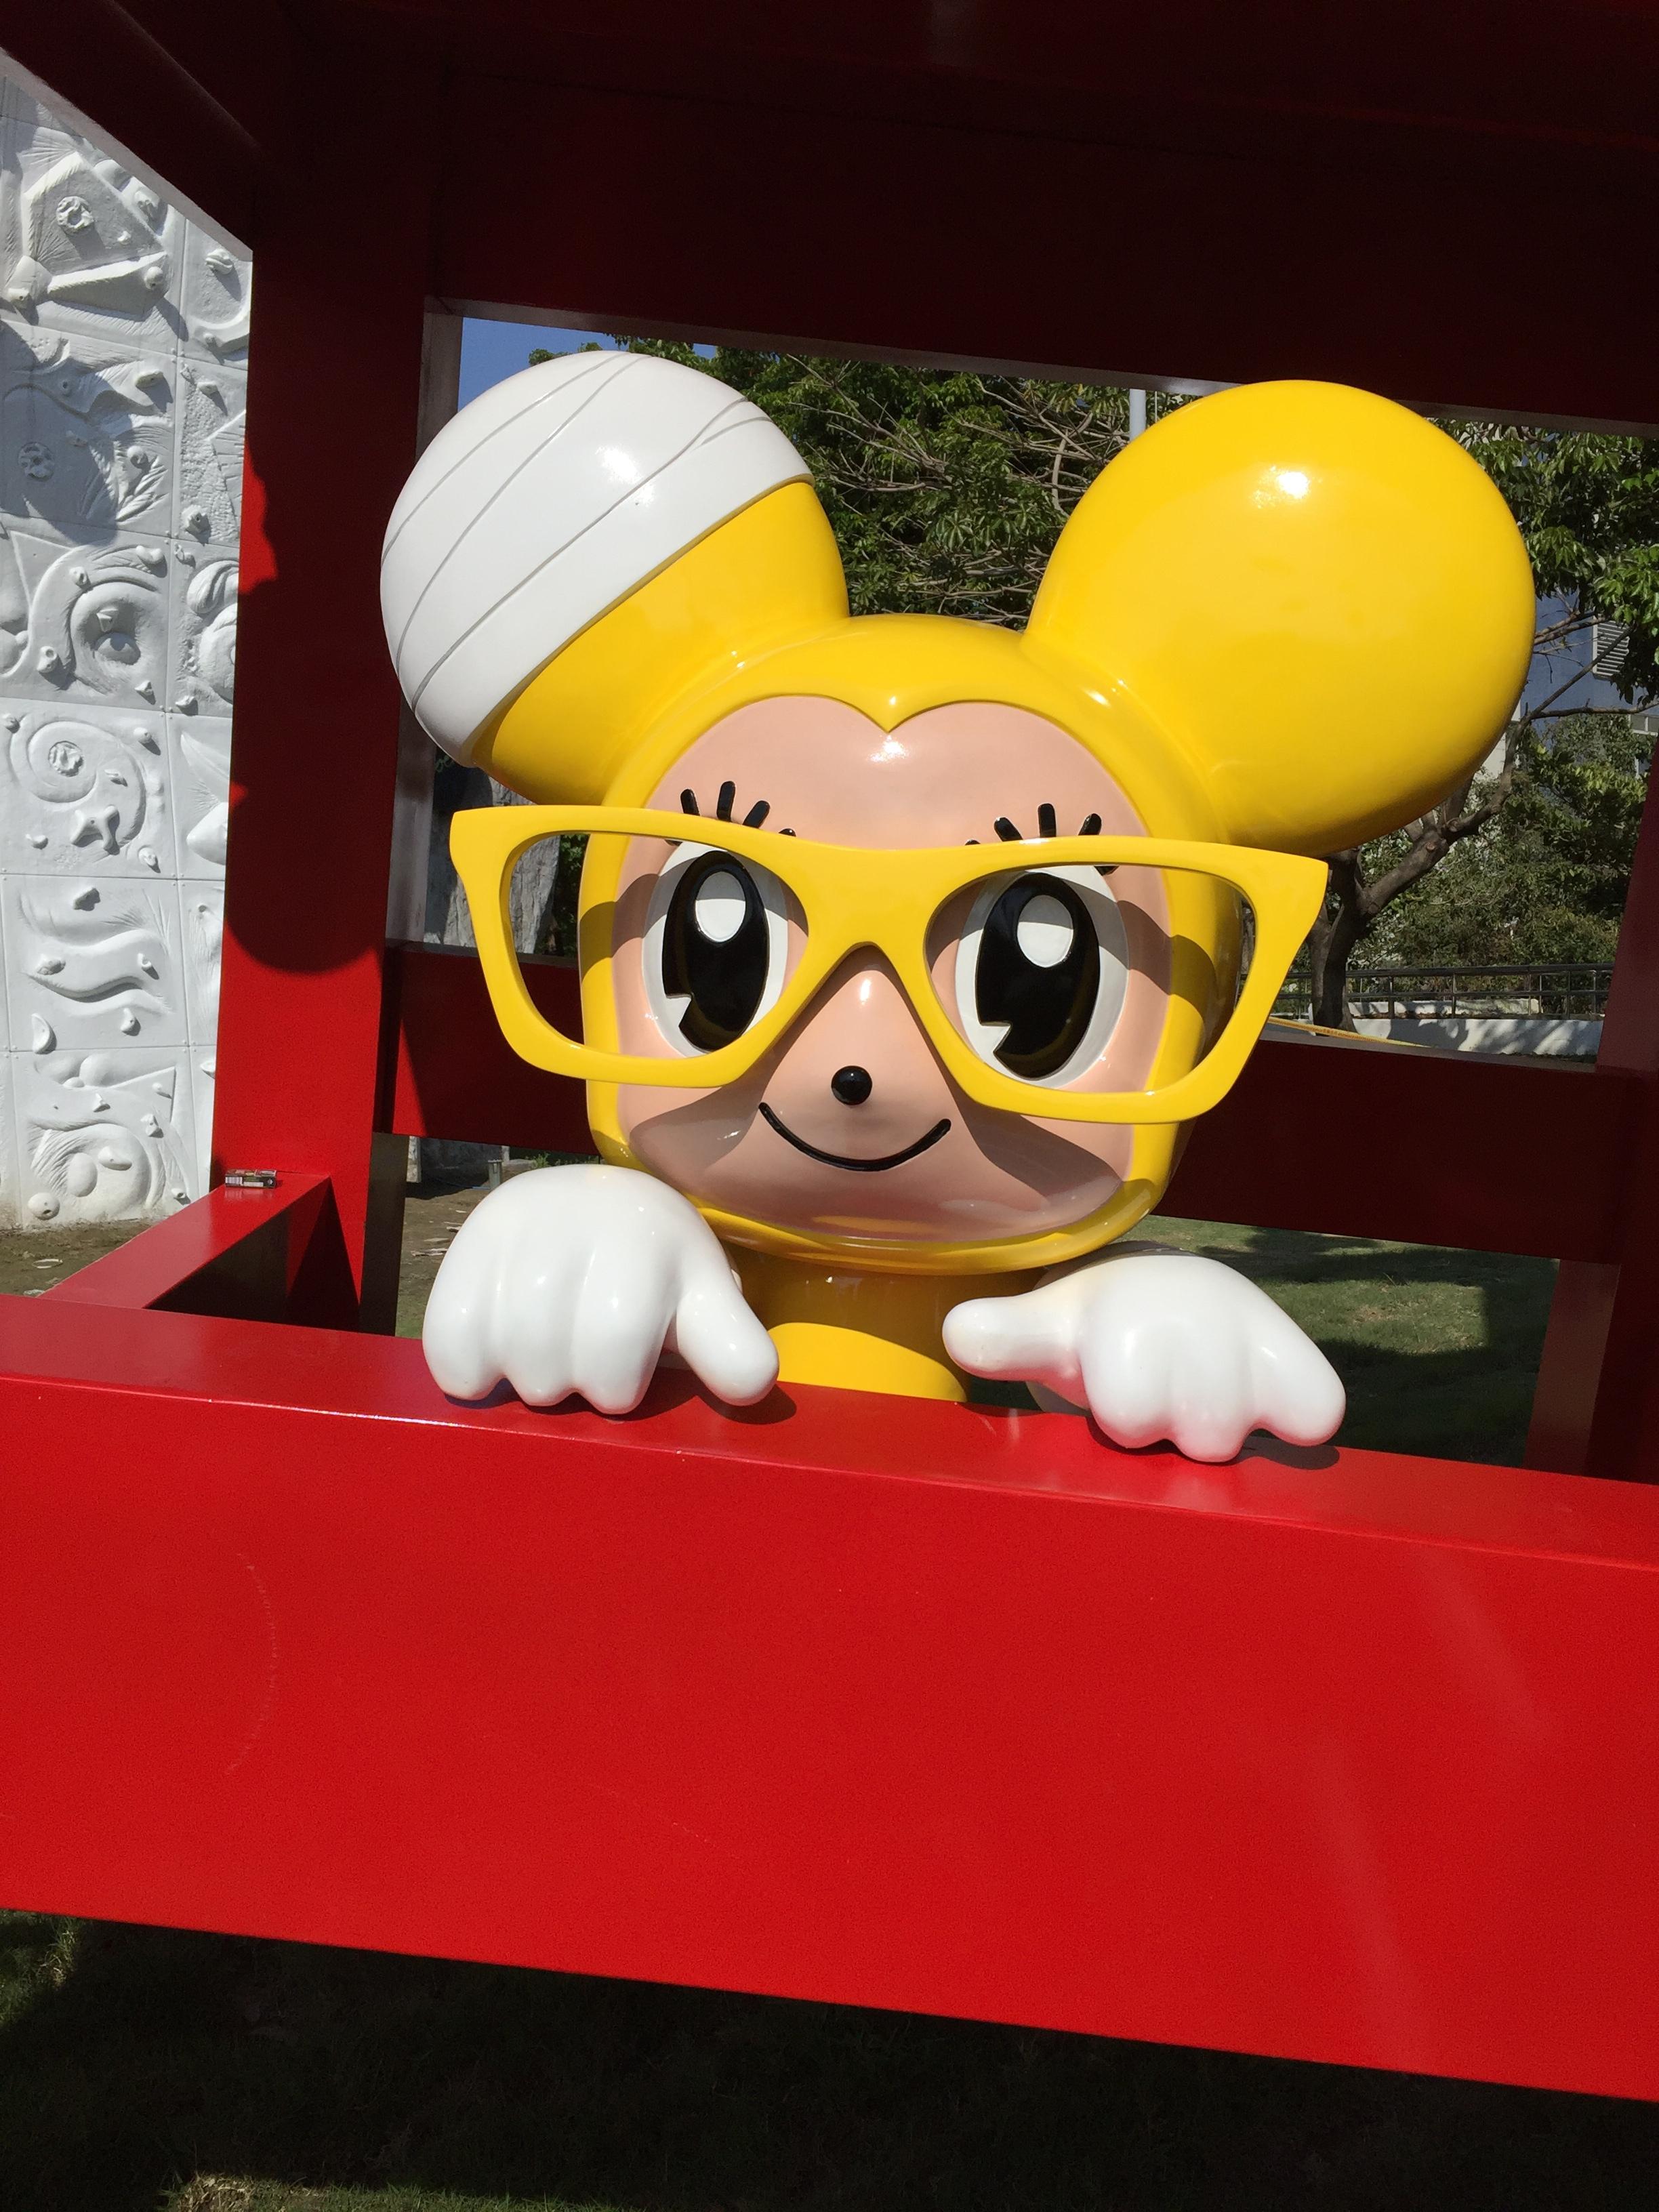 童年狂想曲小鼠照片_都市藝術提供.JPG